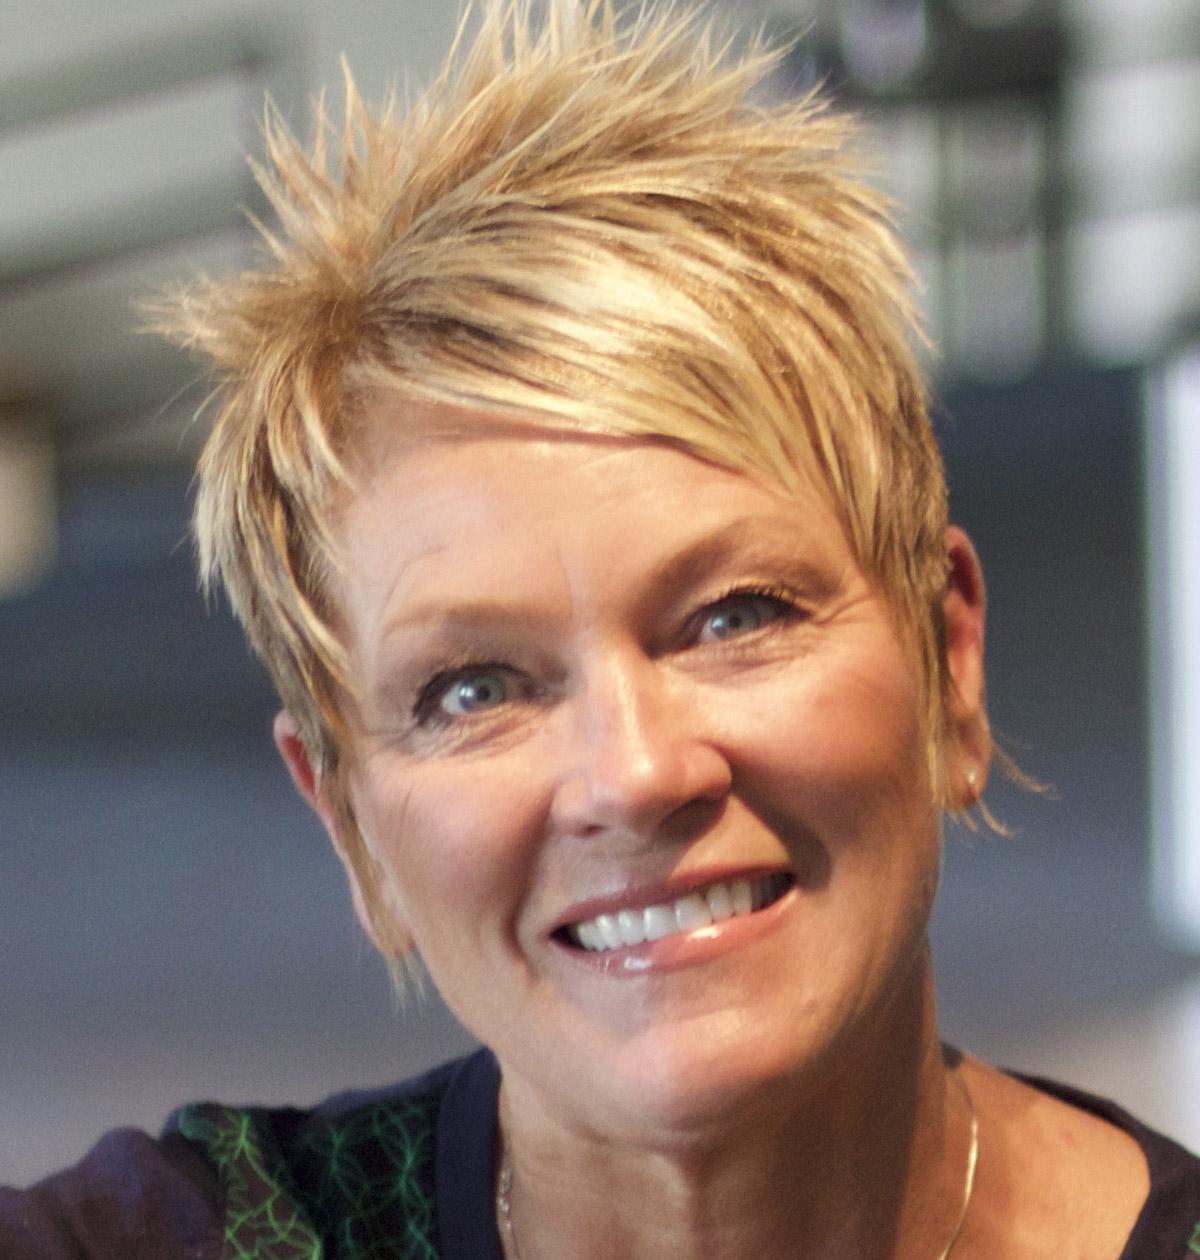 SuzanneHipTestimonial-head